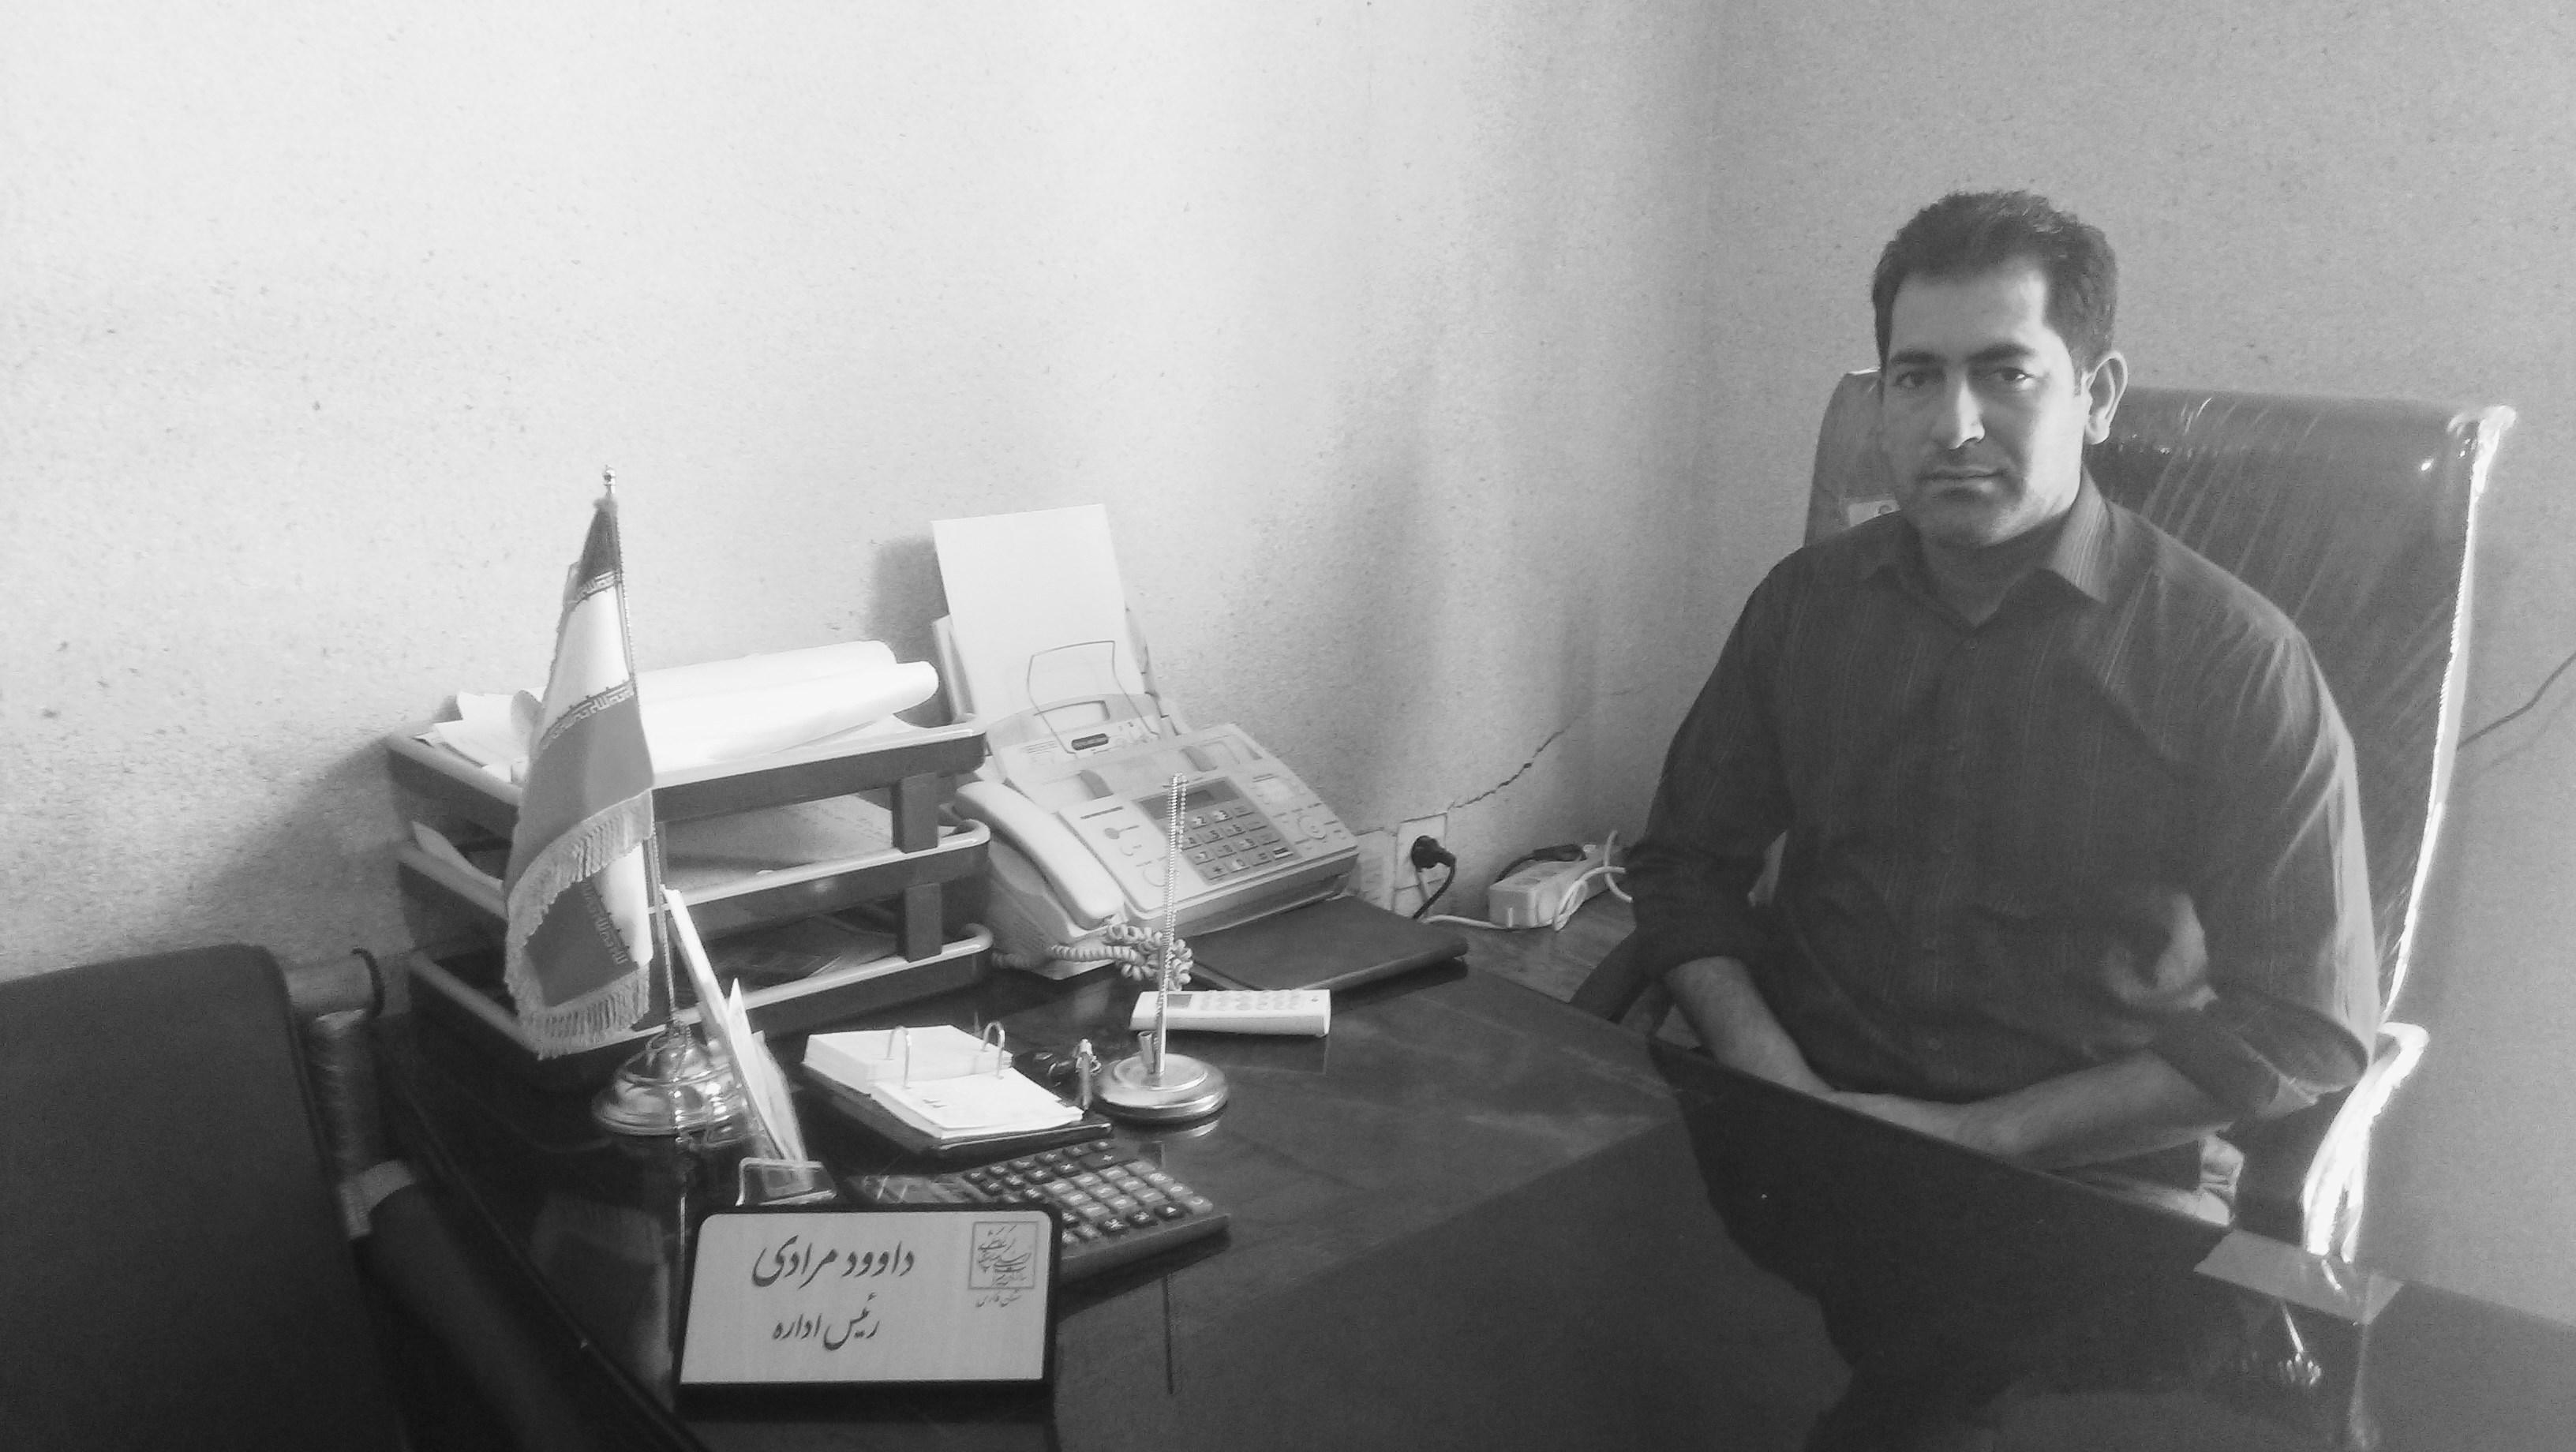 مرادی رئیس میراث فرهنگی و گردشگری داراب: داراب ۹۶ اثر ملی ثبت شده دارد/ عدم تغییر کاربری زمین مشکل سرمایه گذاران بخش گردشگری در داراب است